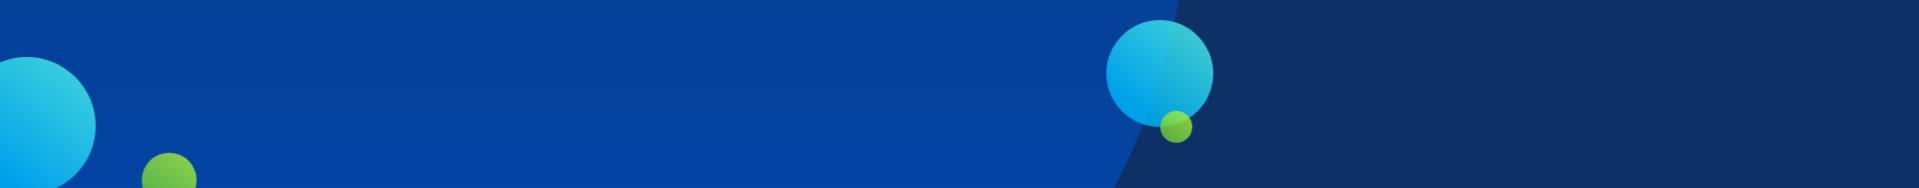 06-07.04.2019<br> Konferencja <br>w Kołobrzegu